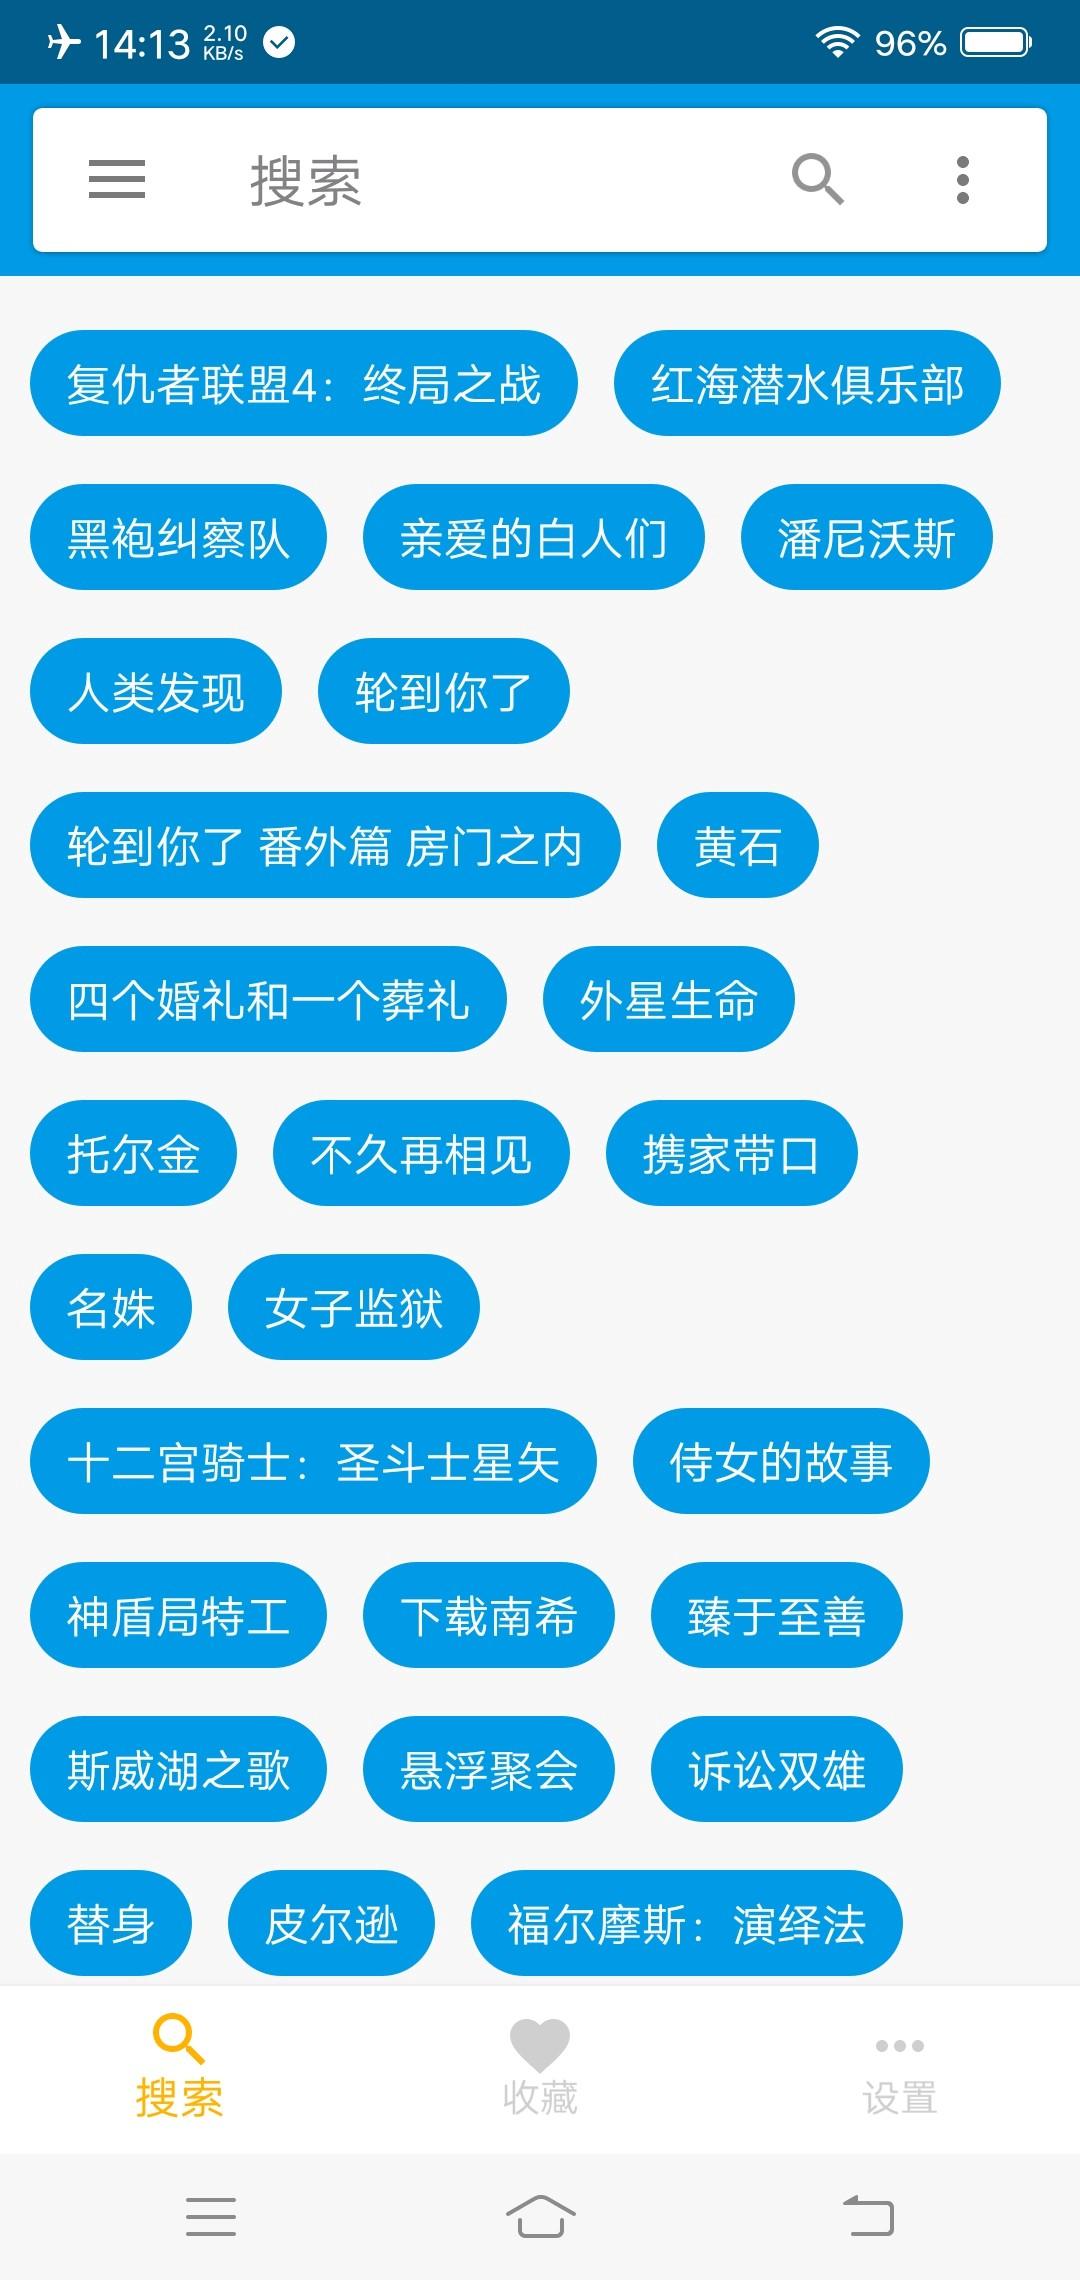 Screenshot_20190802_141327.jpg